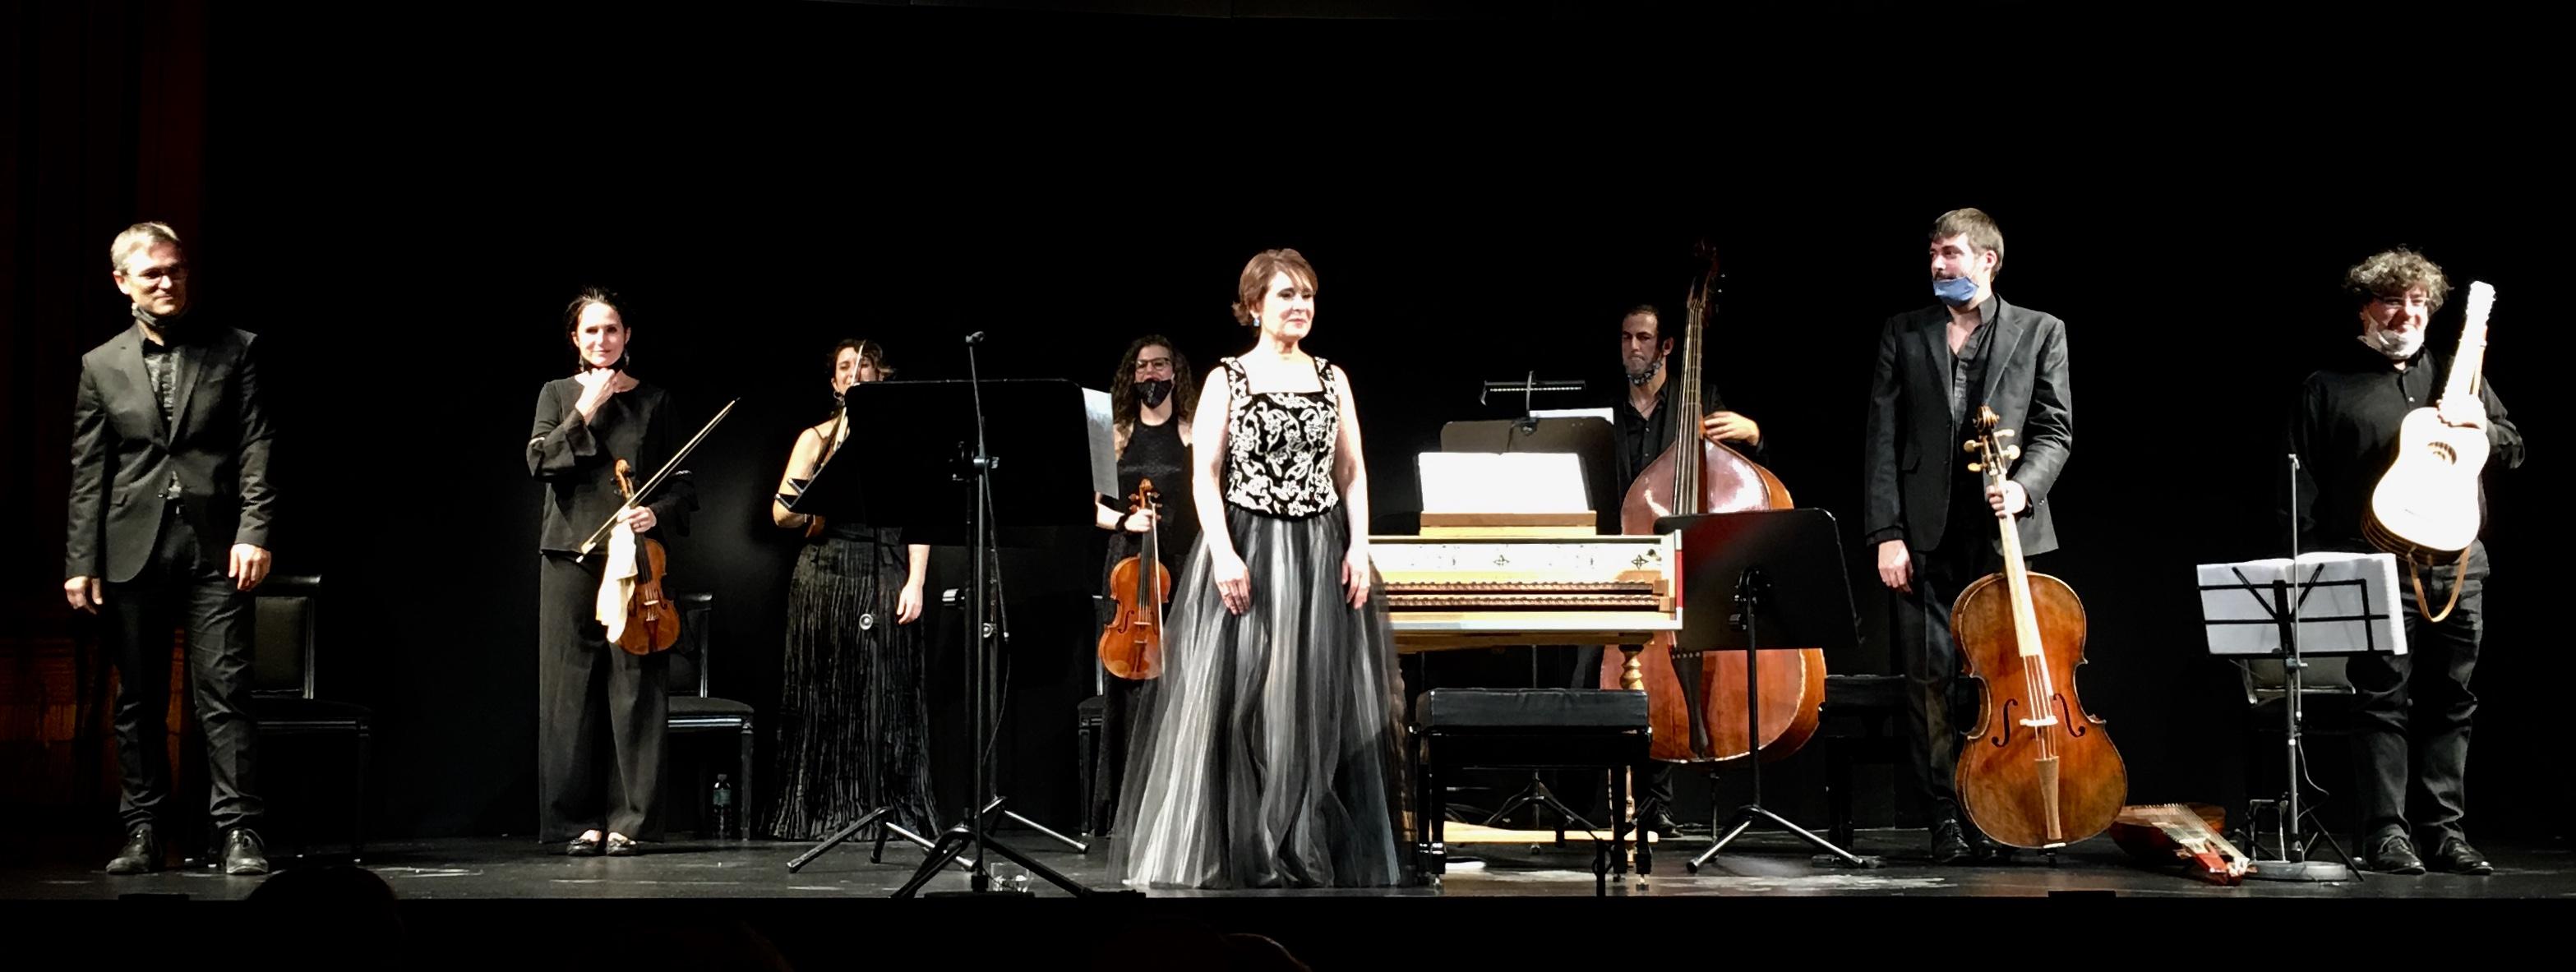 Ecos barrocos en el Teatro de la Zarzuela